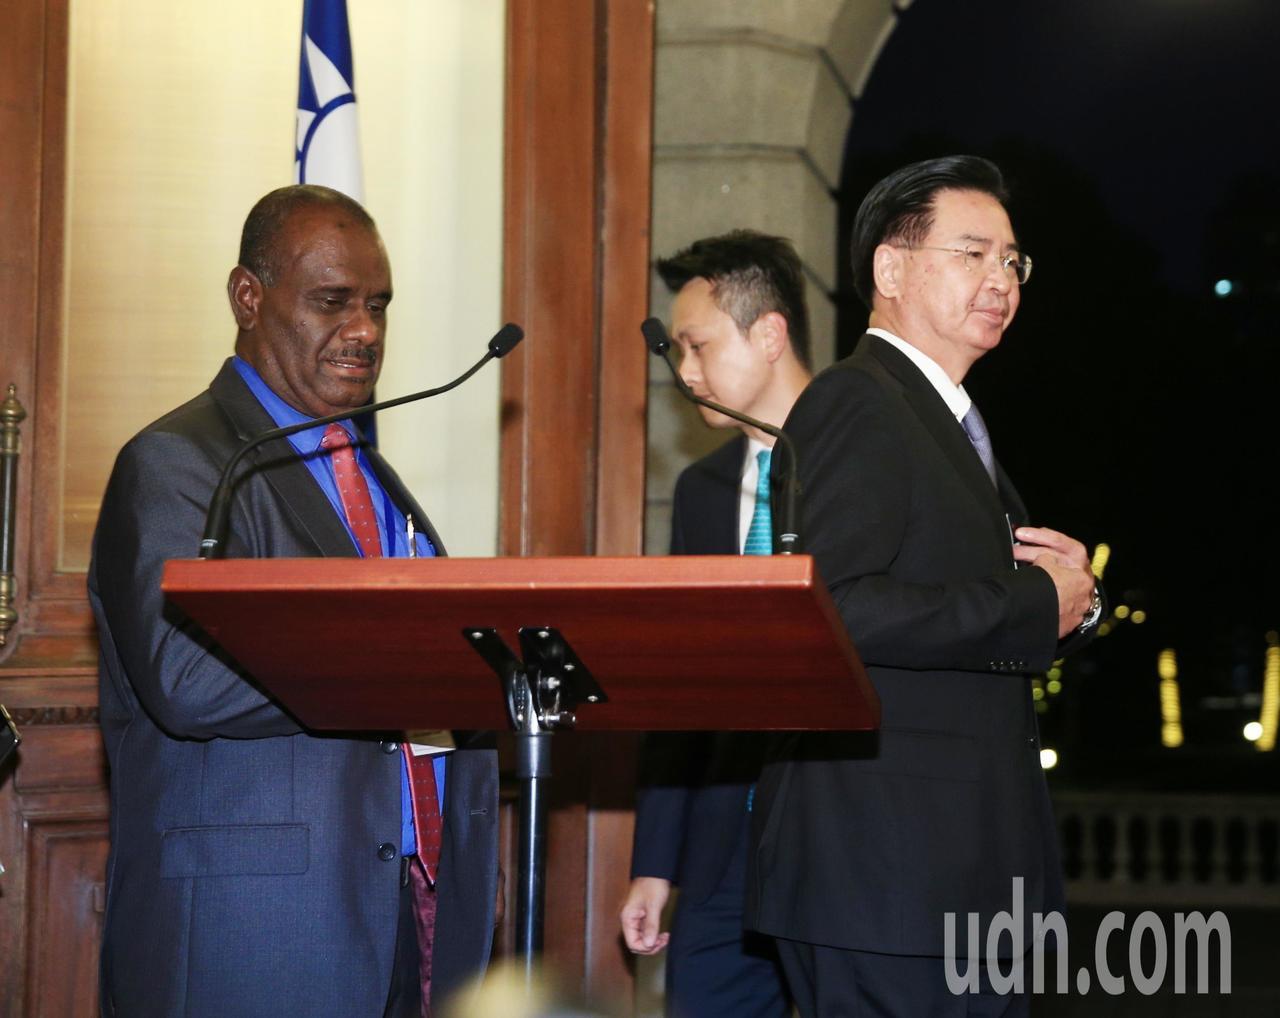 外交部今傍晚舉行記者會,由部長吳釗燮(右)親自主持,他表示,即刻與索國斷交,終止...